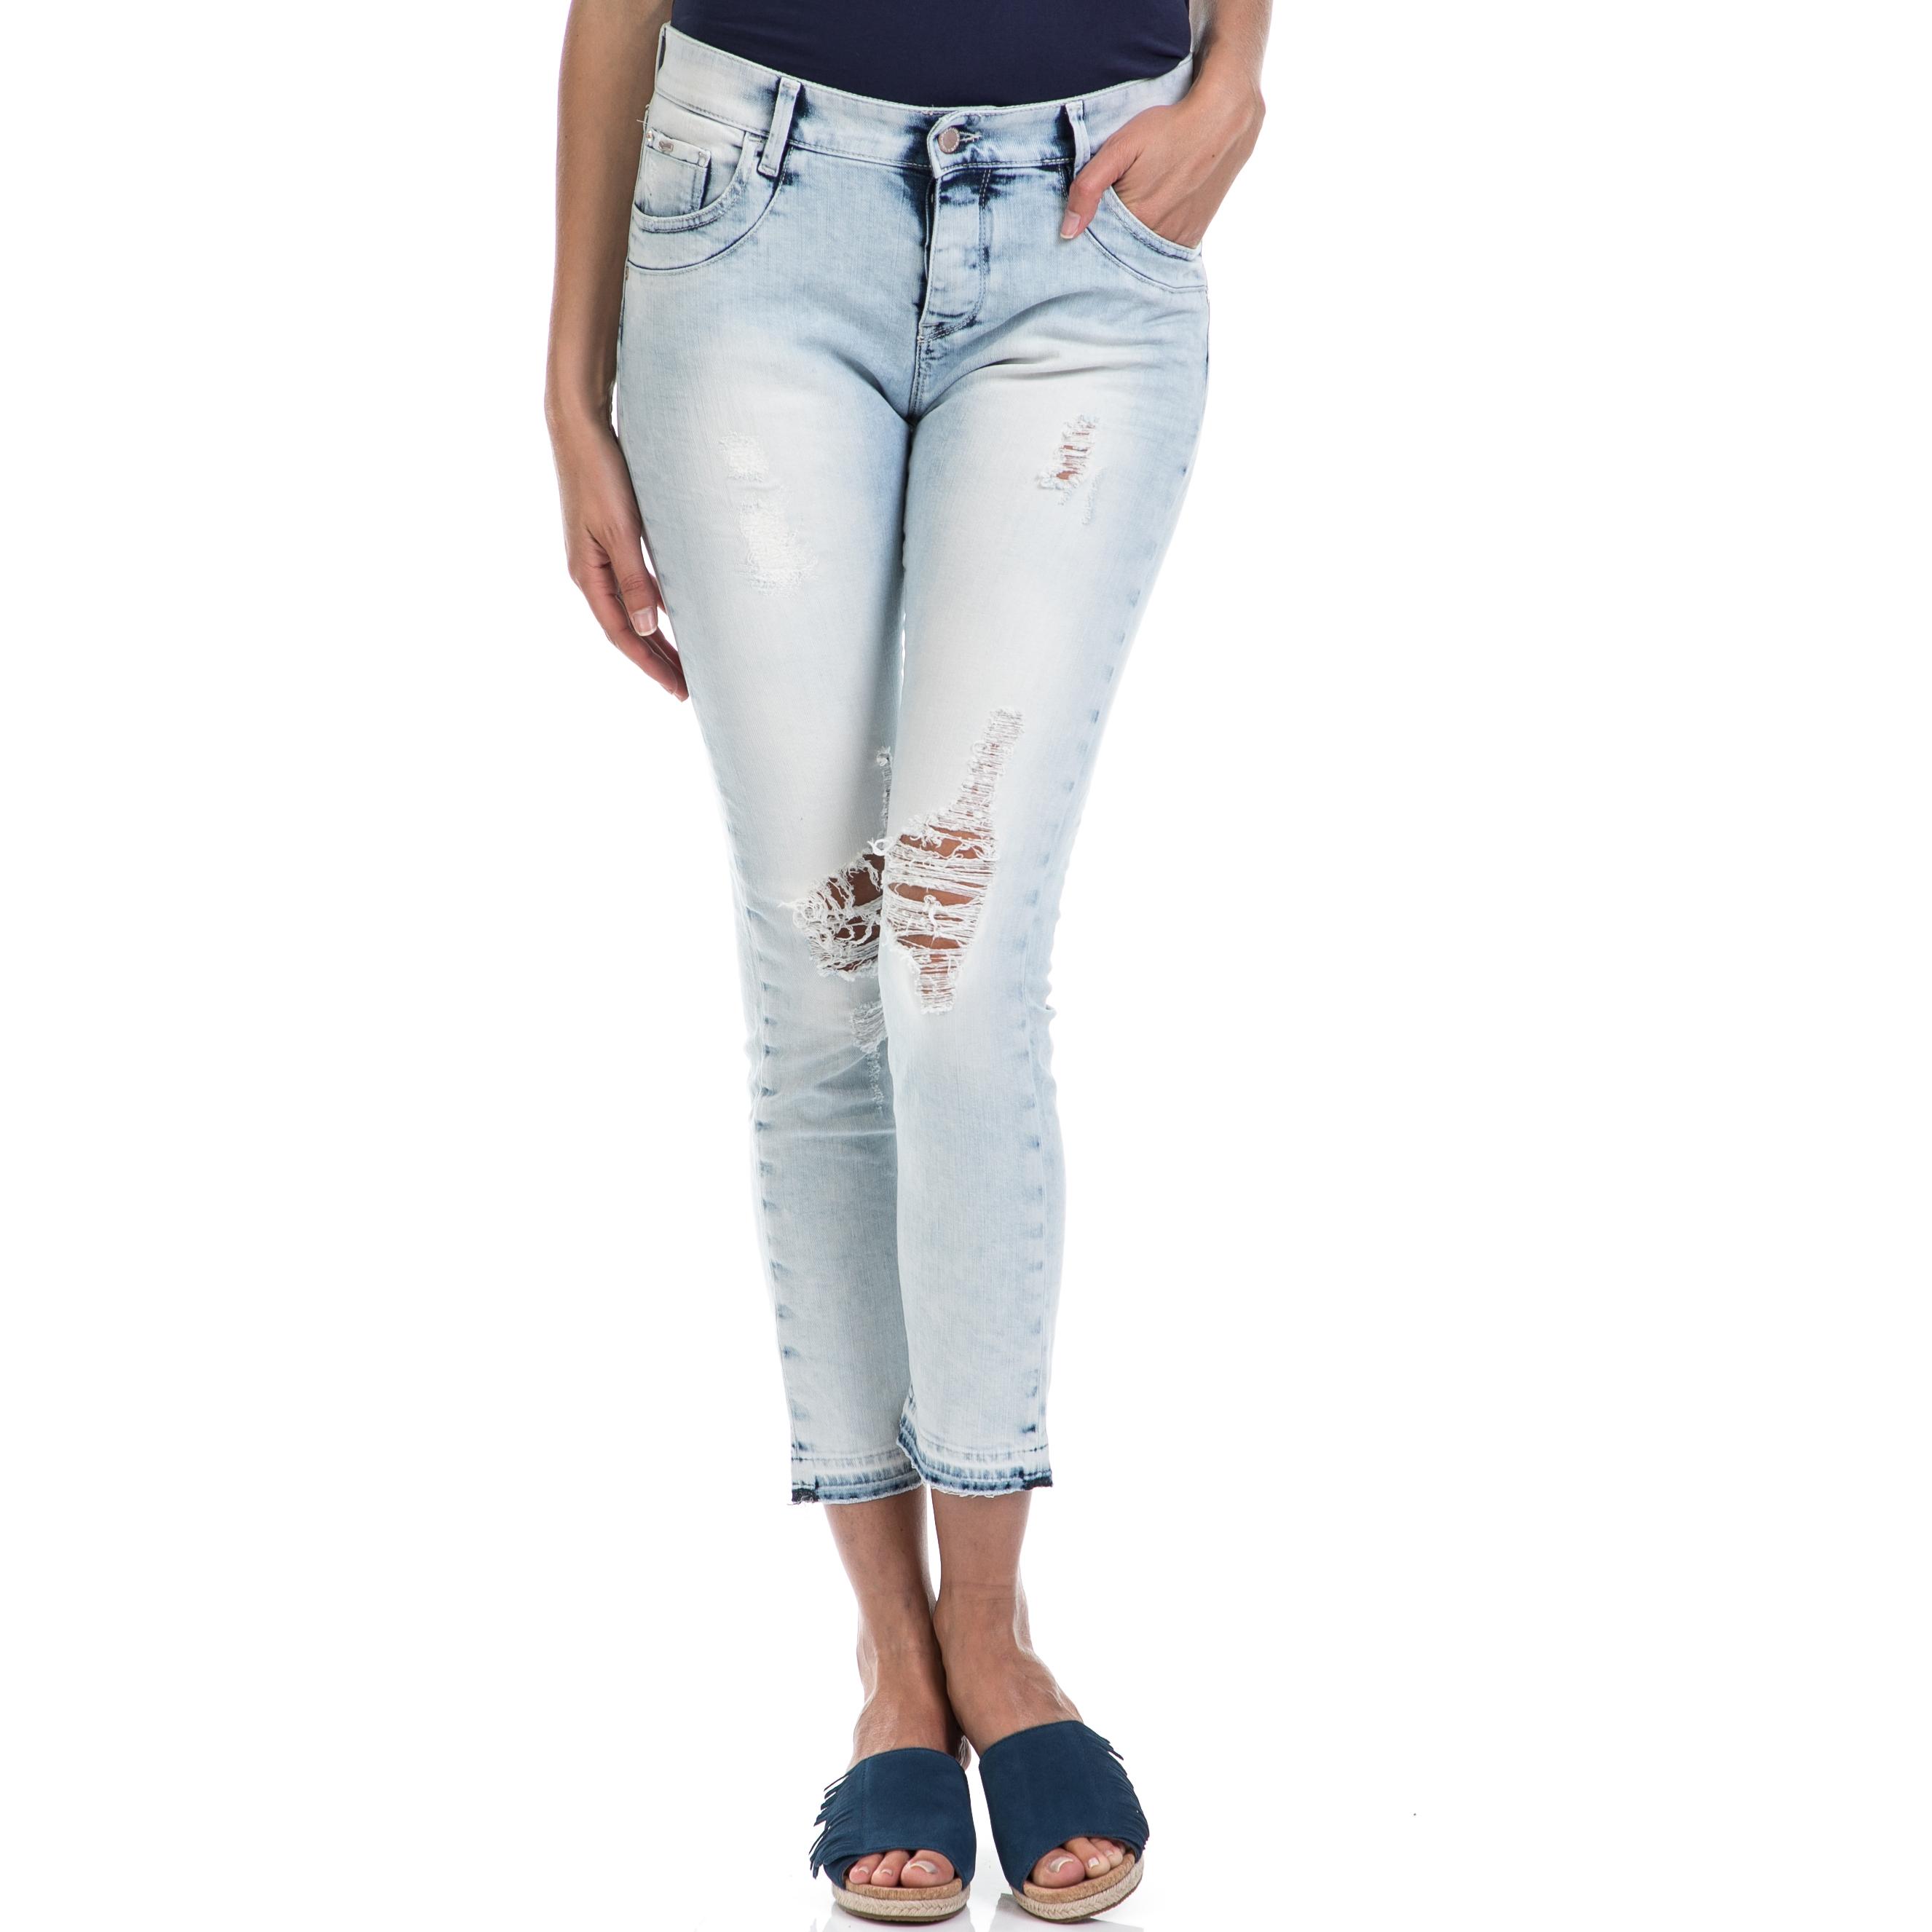 Γυναικεία   Ρούχα   Παντελόνια   Τζίν   Classic   GAS - Γυναικείο ... 554e881ee8e